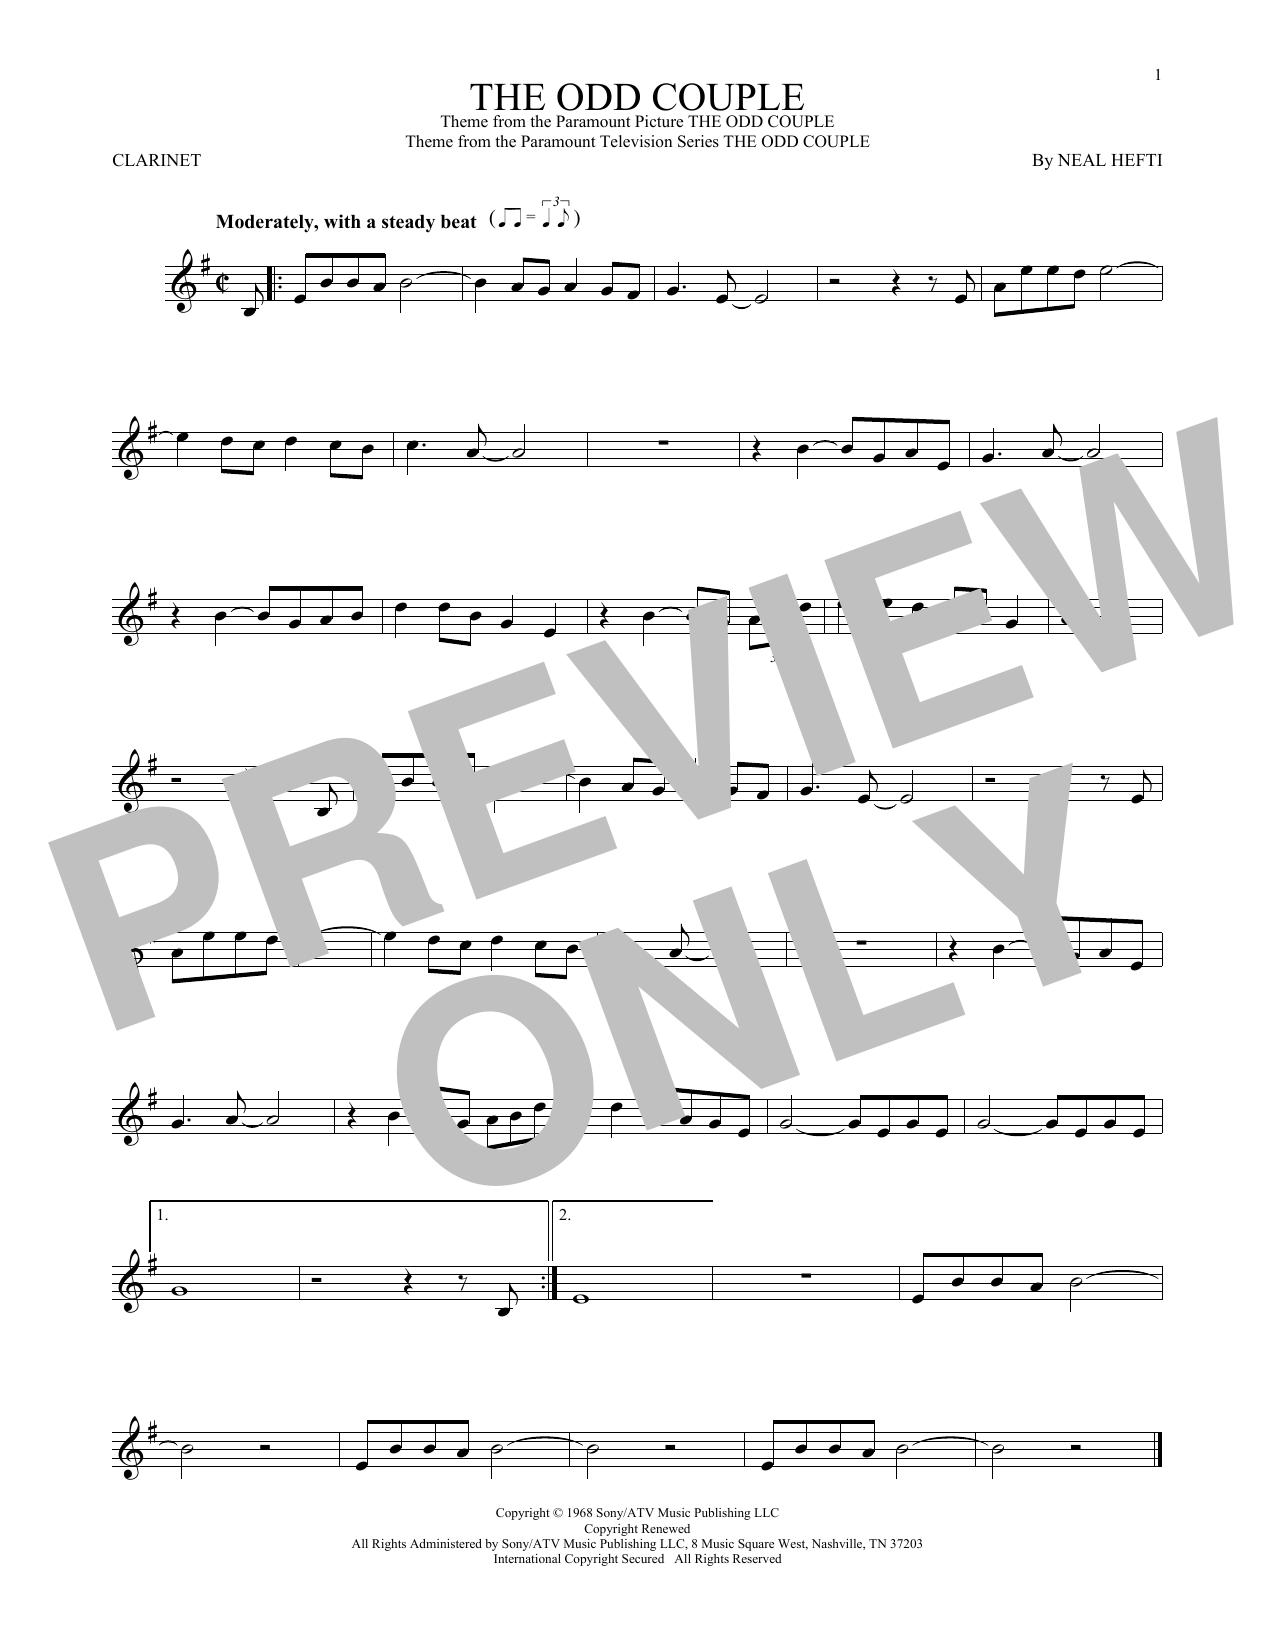 The Odd Couple (Clarinet Solo)